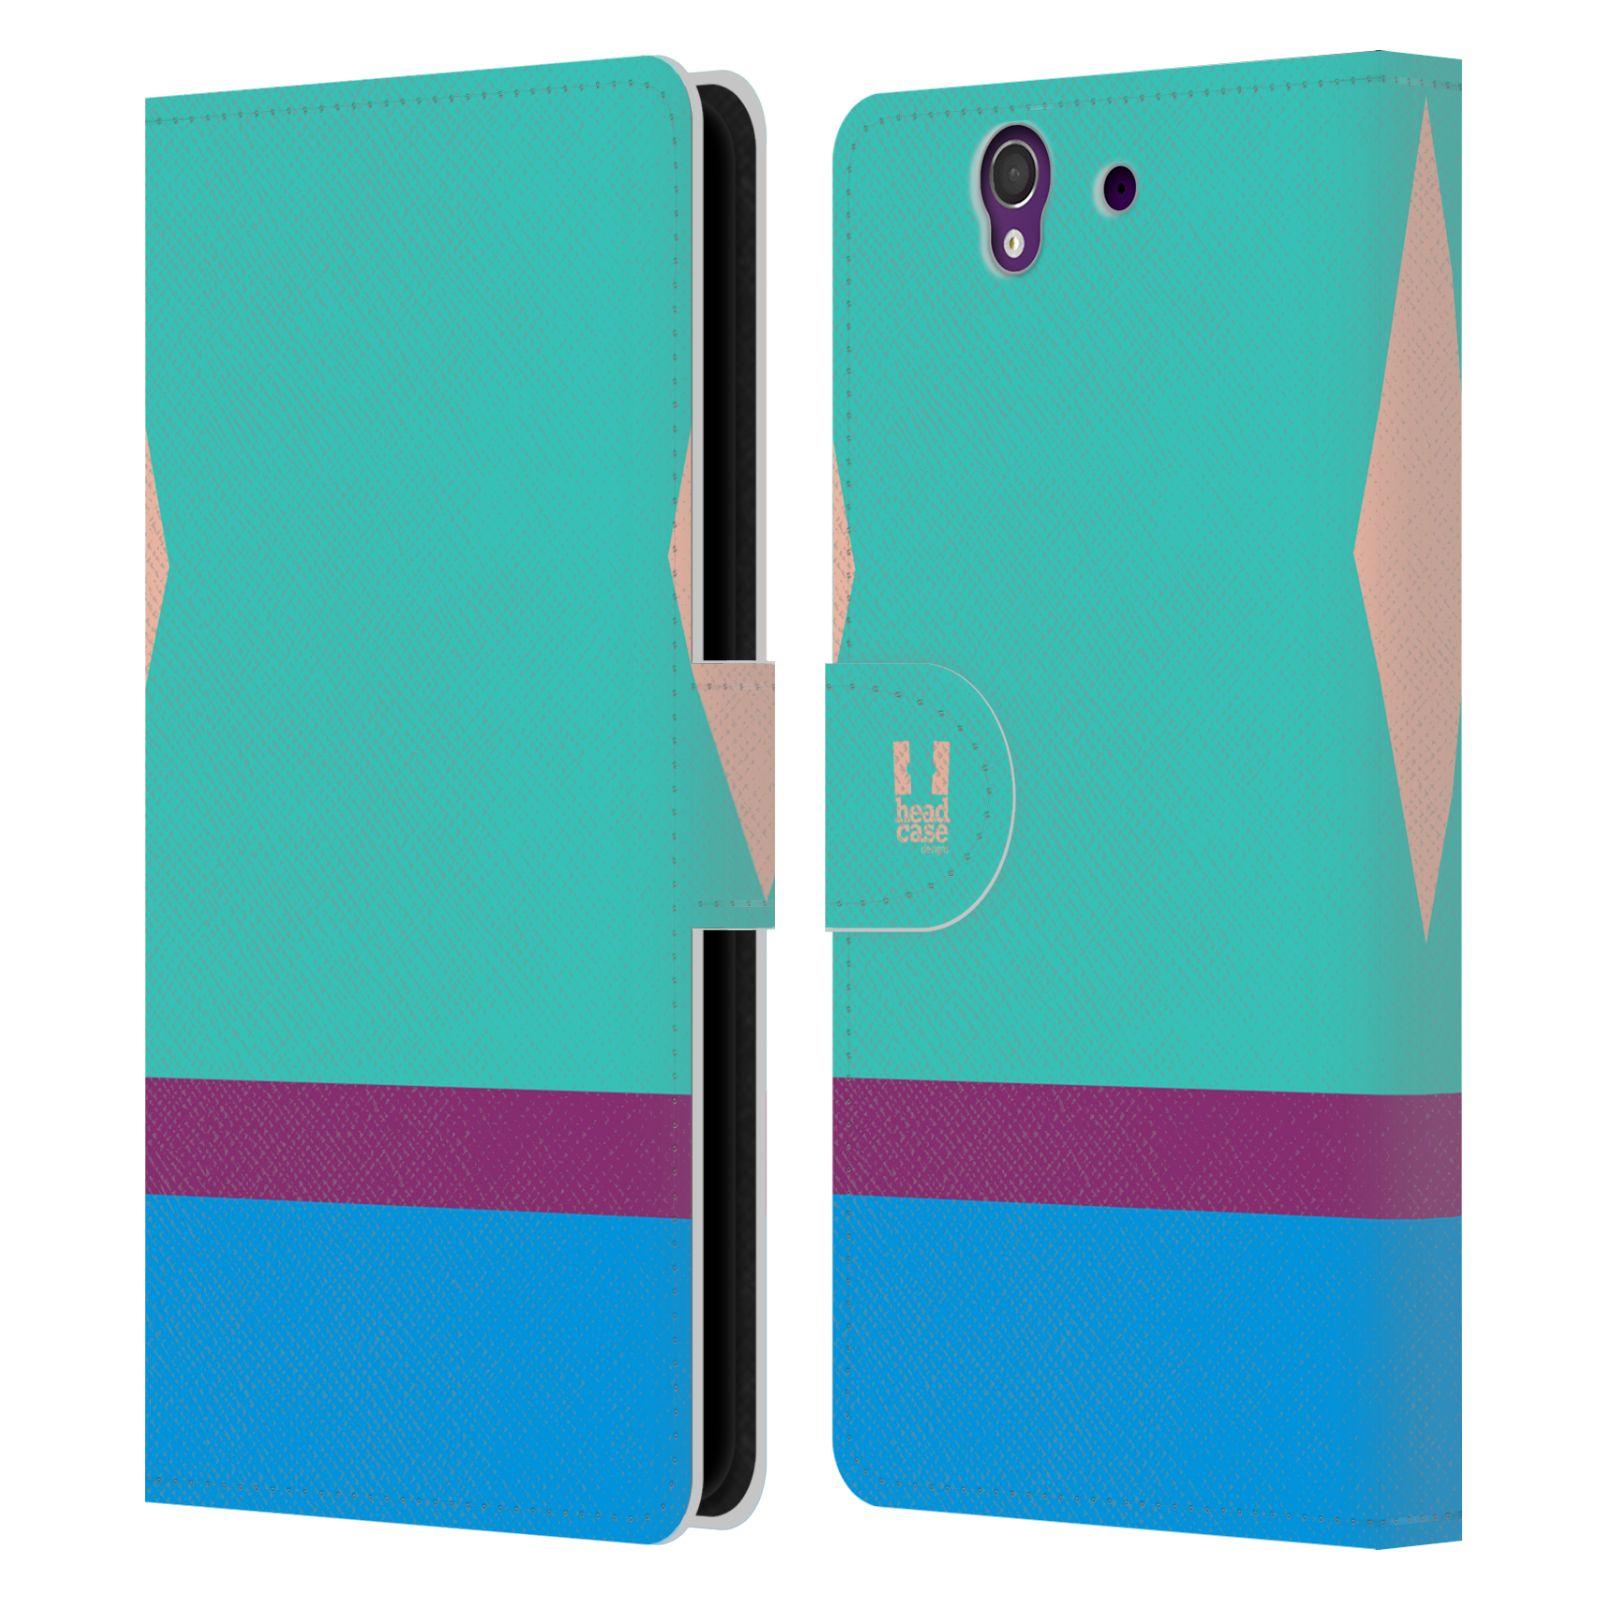 HEAD CASE Flipové pouzdro pro mobil SONY Xperia Z barevné tvary modrá a fialový pruh